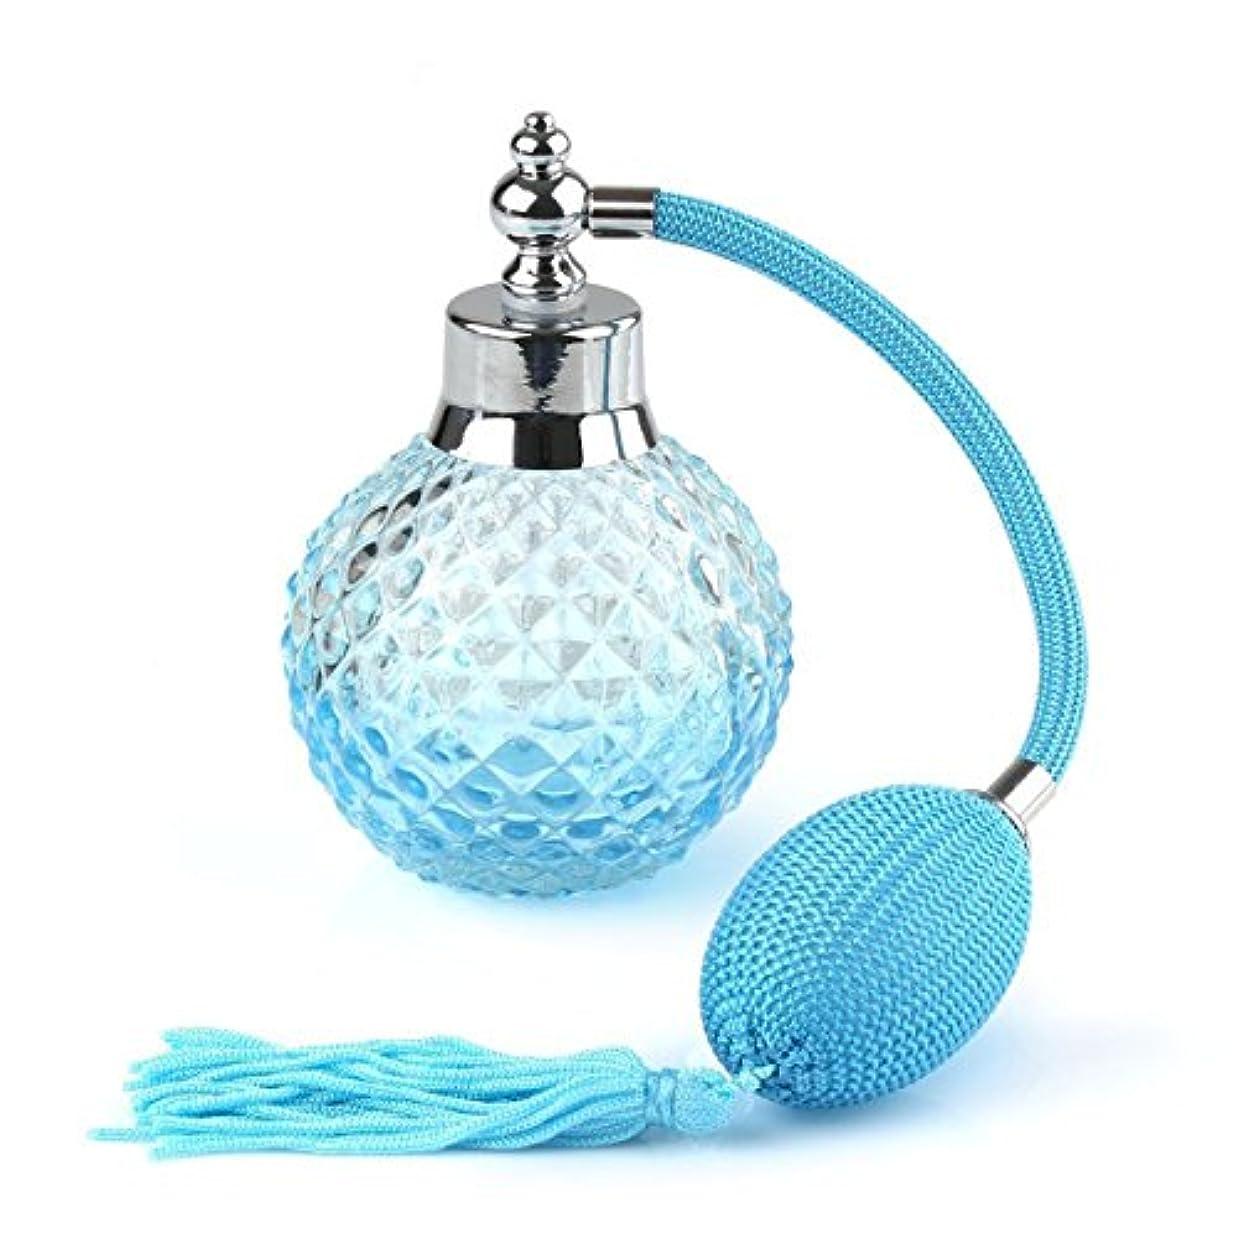 ROSENICE クリスタル アトマイザー 香水瓶 スプレーボトル 100ml(ブルー)